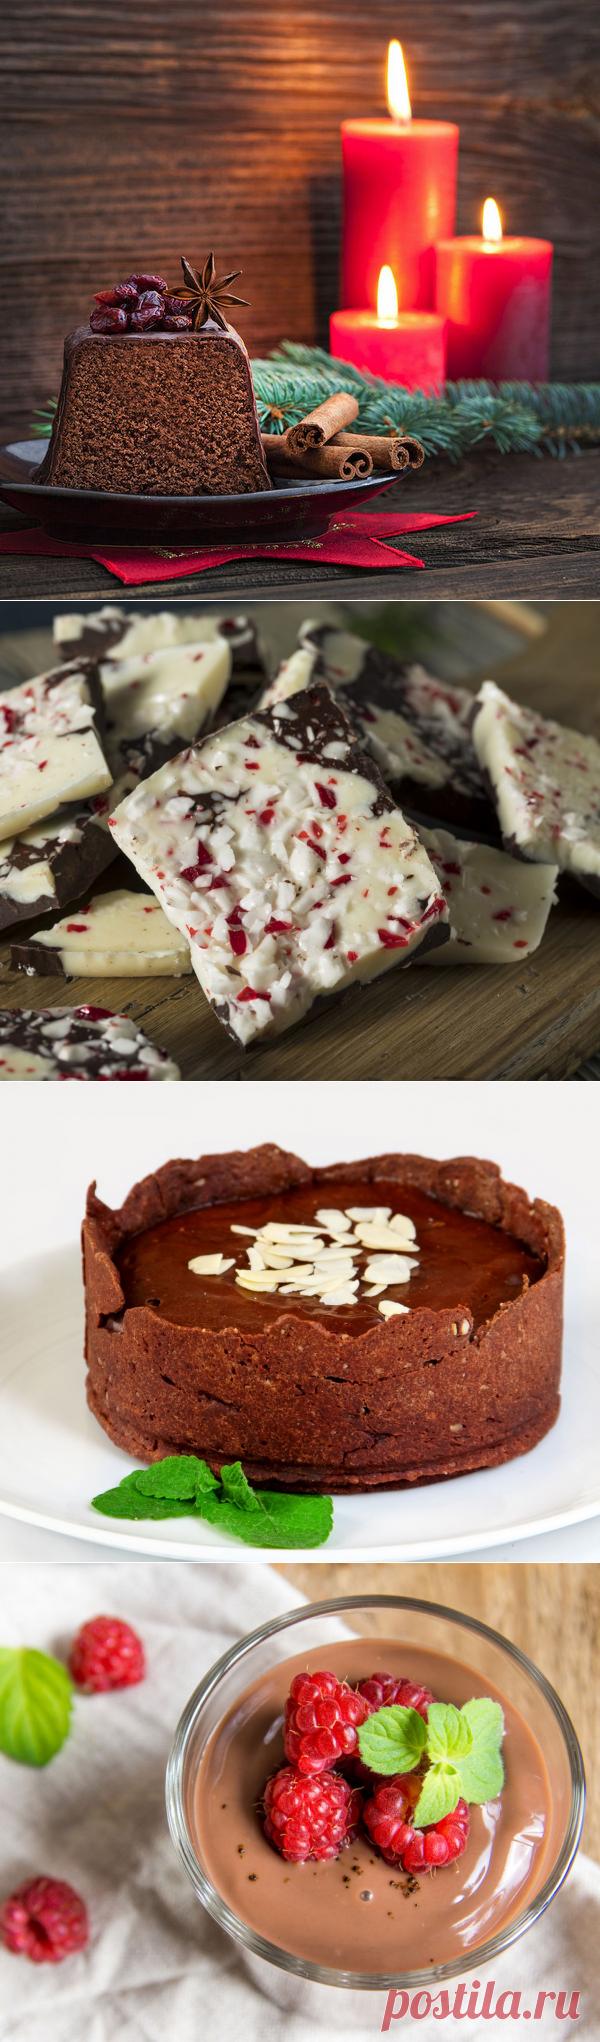 Самые вкусные новогодние десерты